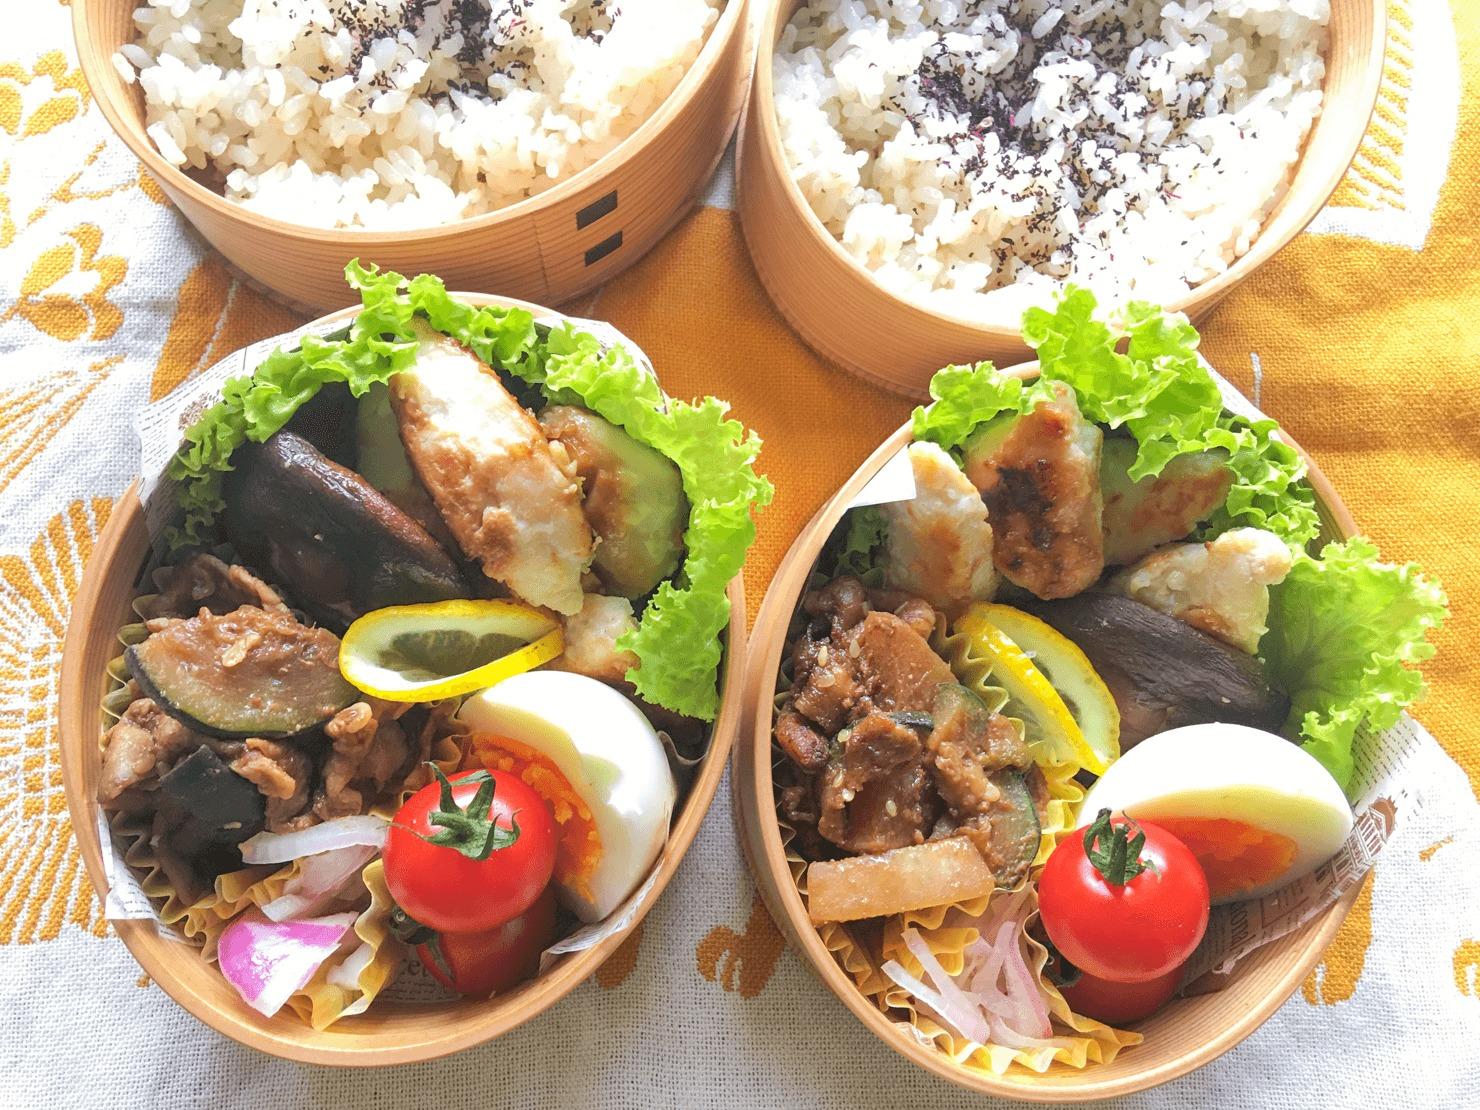 ズッキーニと大根と豚バラの甘辛みそ炒め入りのお弁当の写真